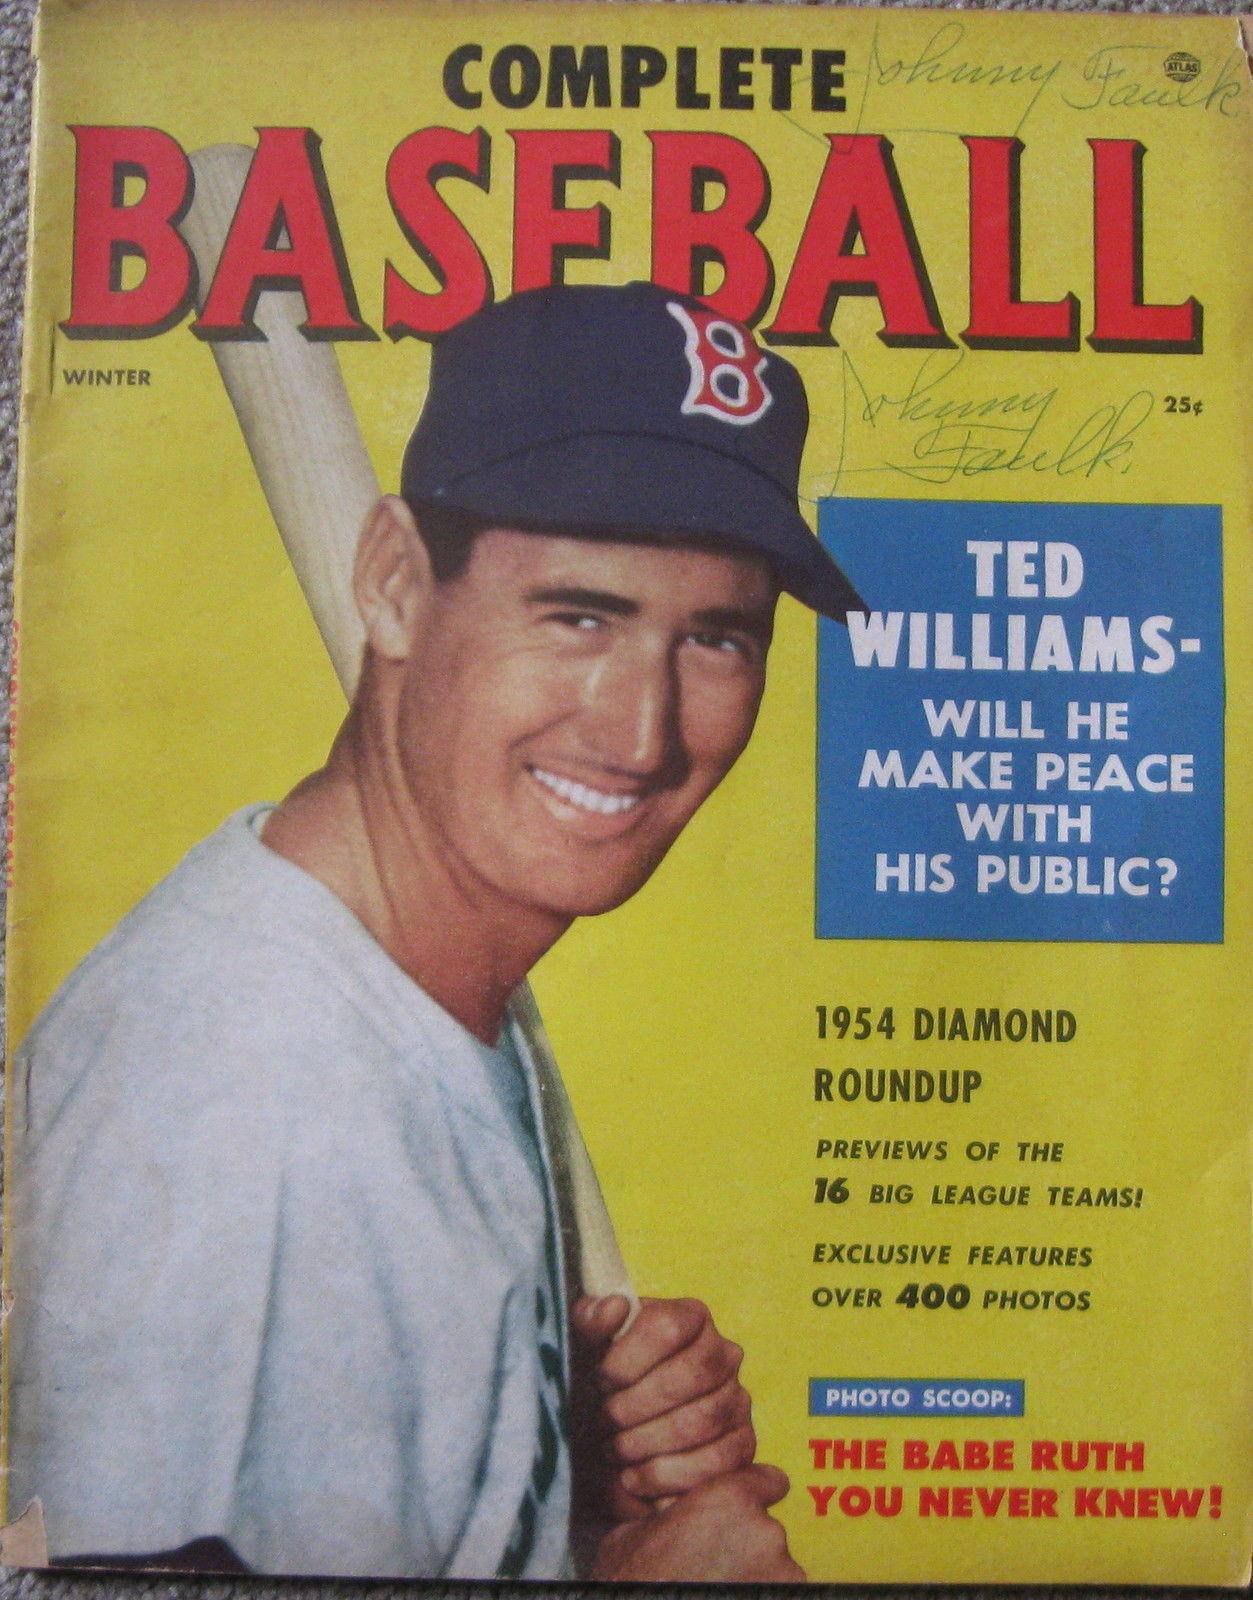 Complete Baseball Vol VI 1